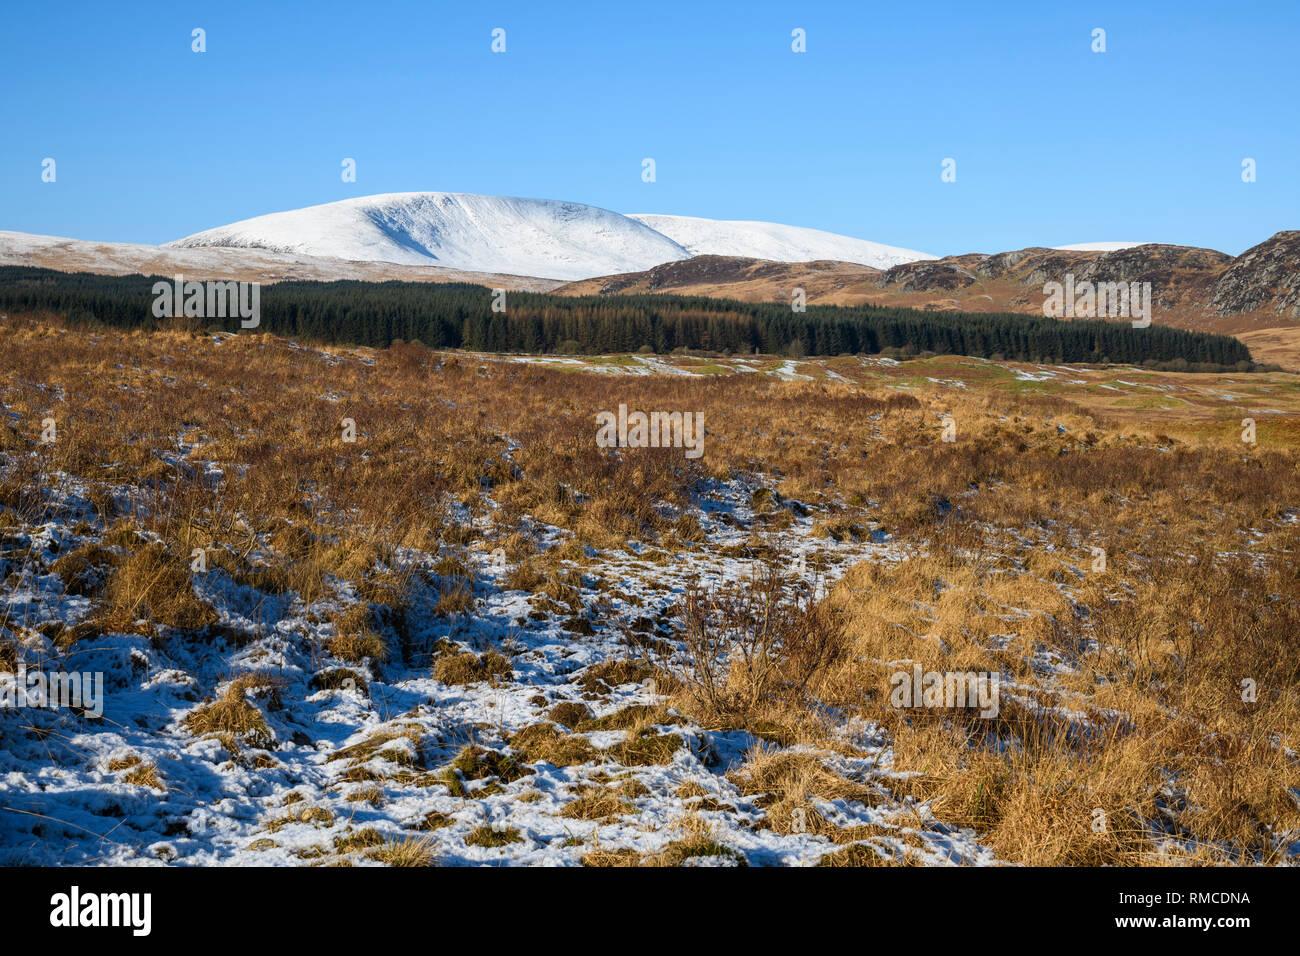 Cairnsmore of Fleet, Galloway Hills, Dumfries & Galloway, Scotland - Stock Image